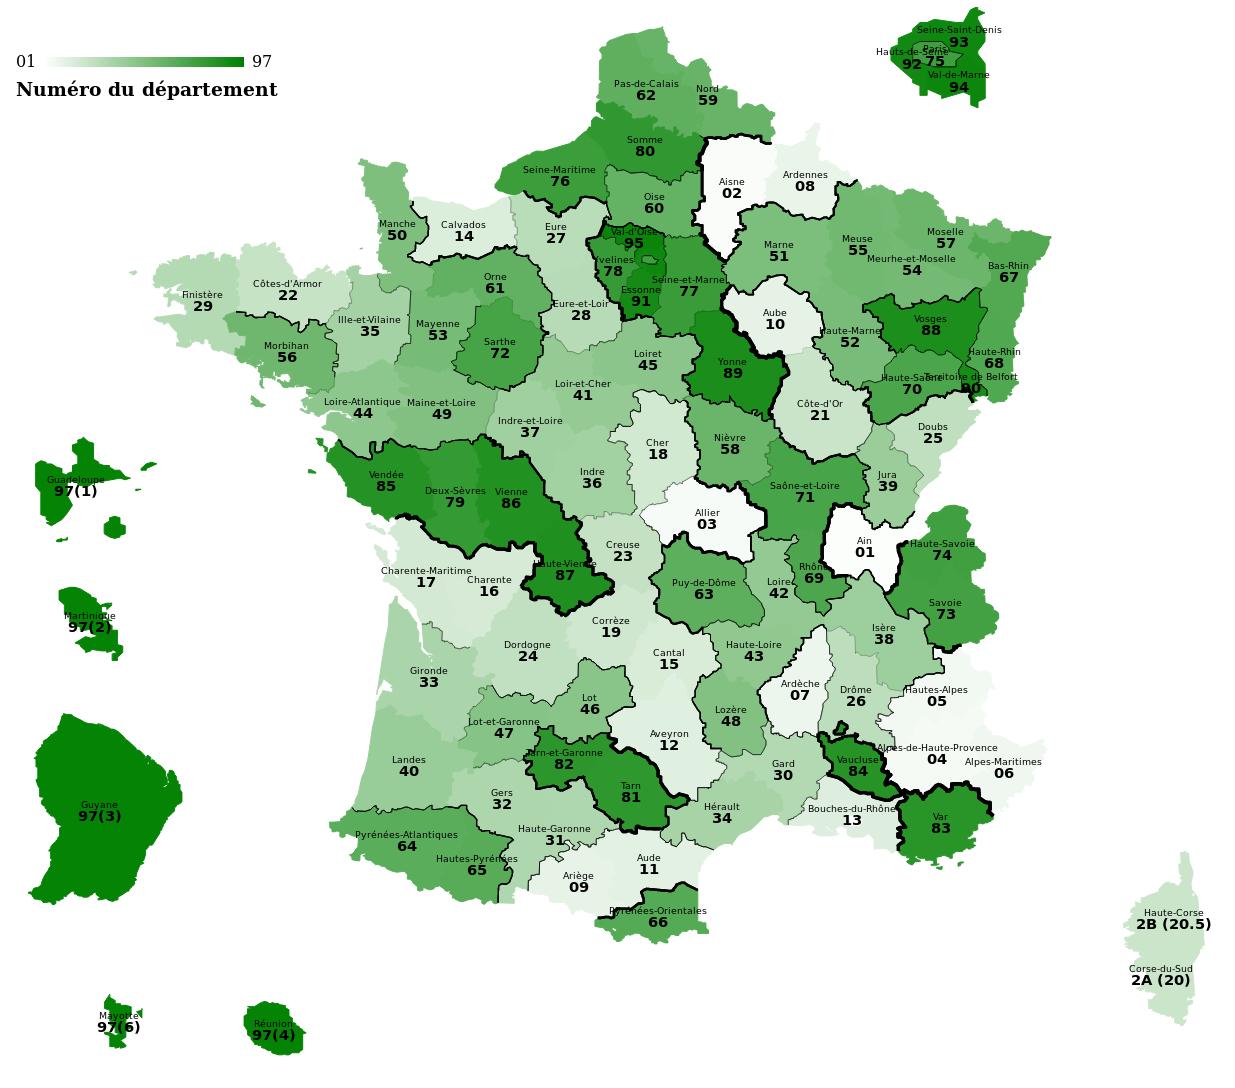 Carte Des Départements Suivant Leur Numéro, Et La Différence encequiconcerne Les Numéros Des Départements